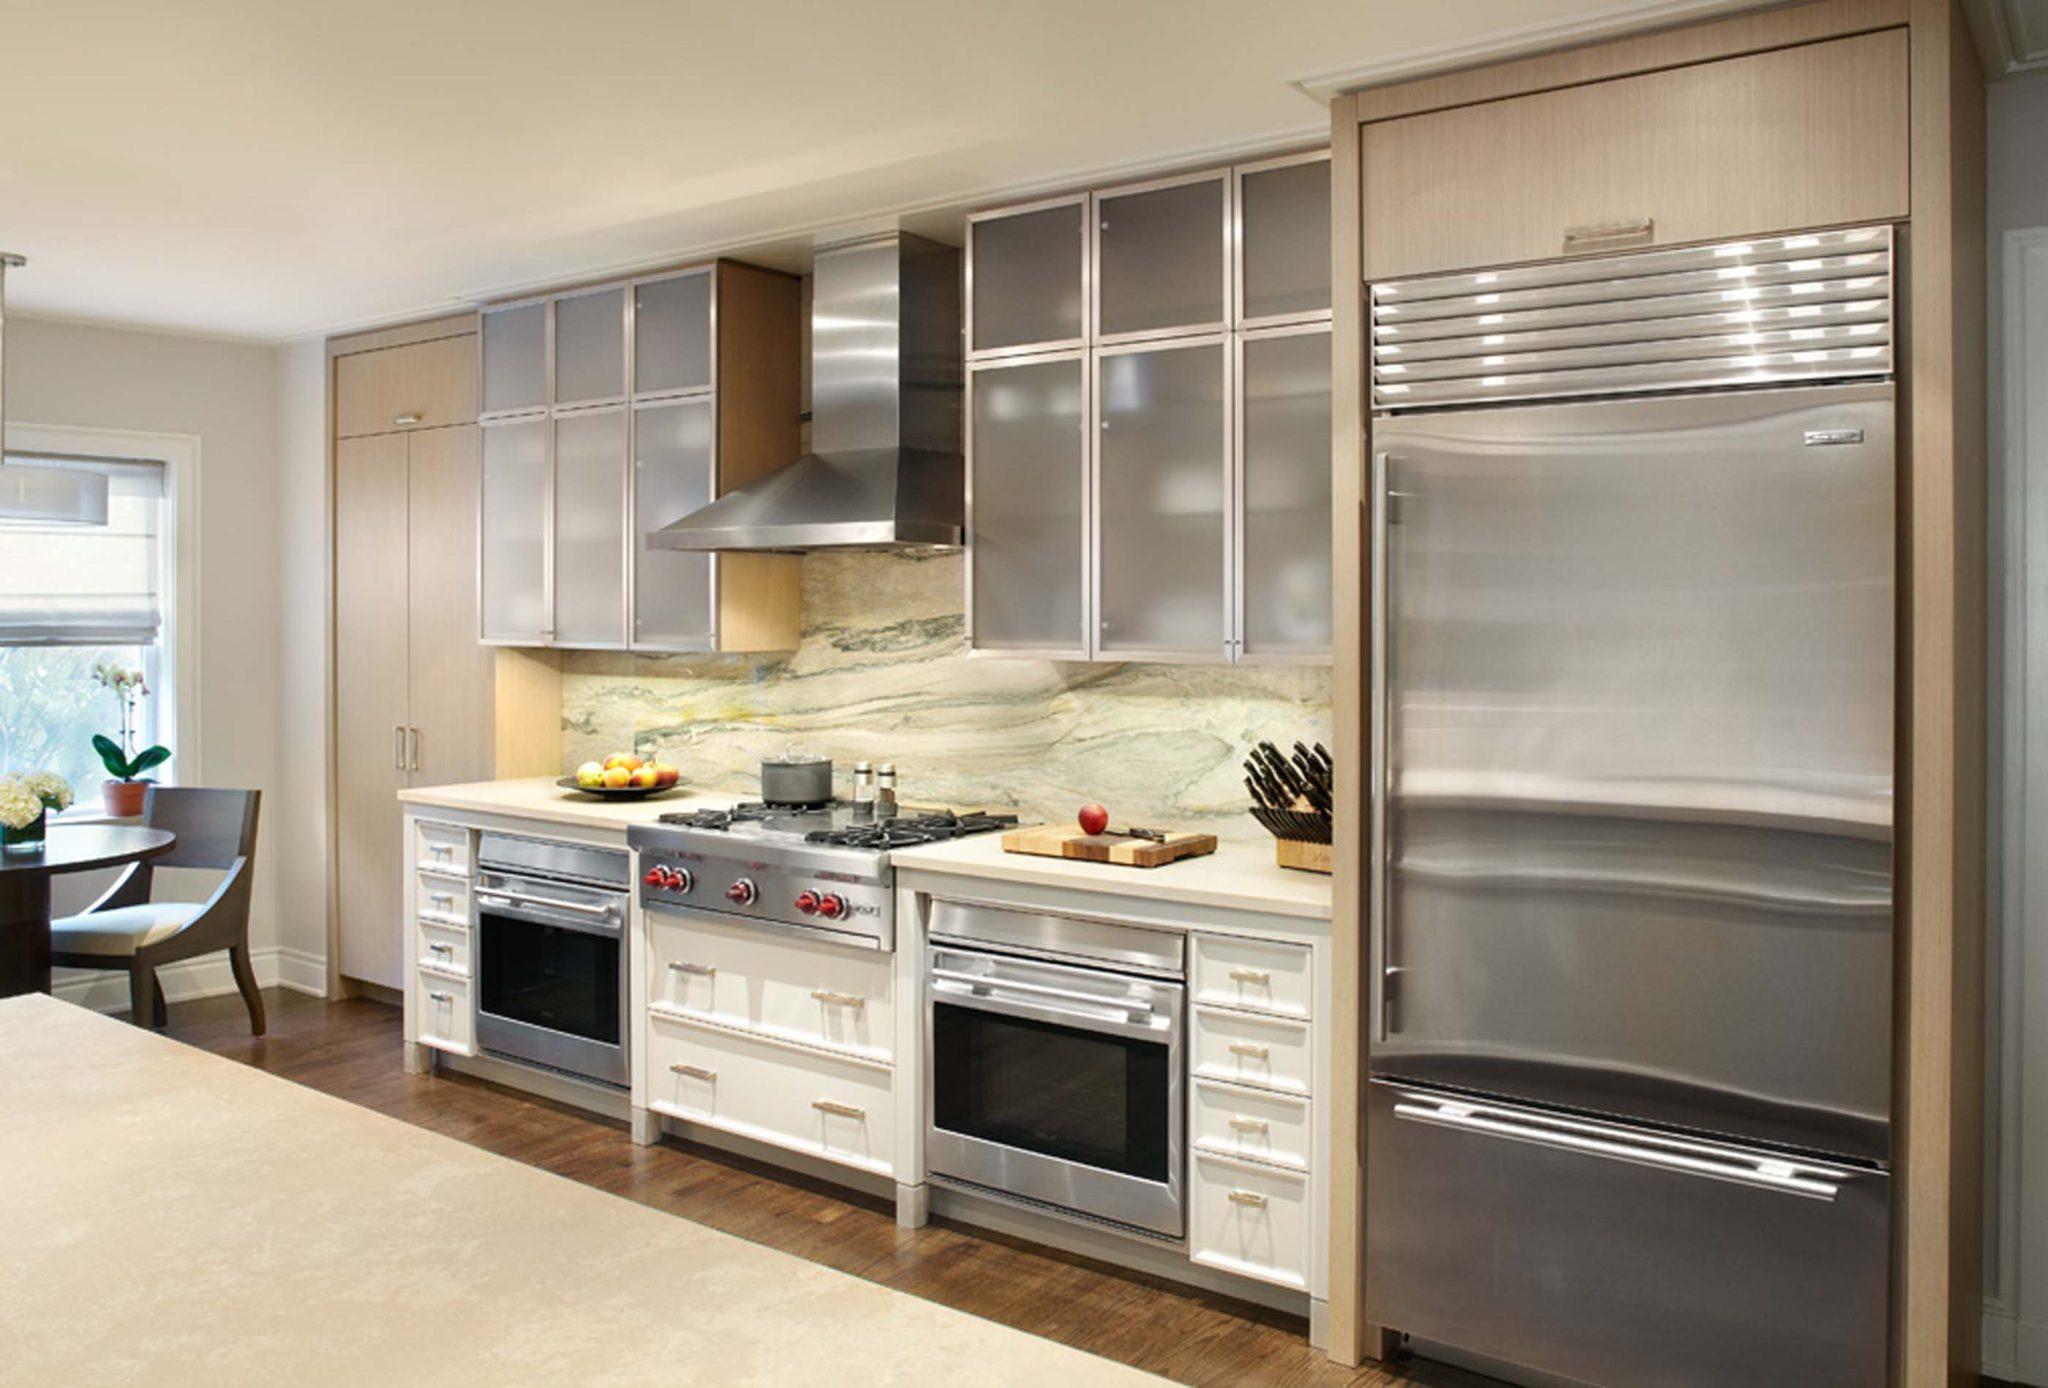 Condominiumrenovation by Morgante-Wilson